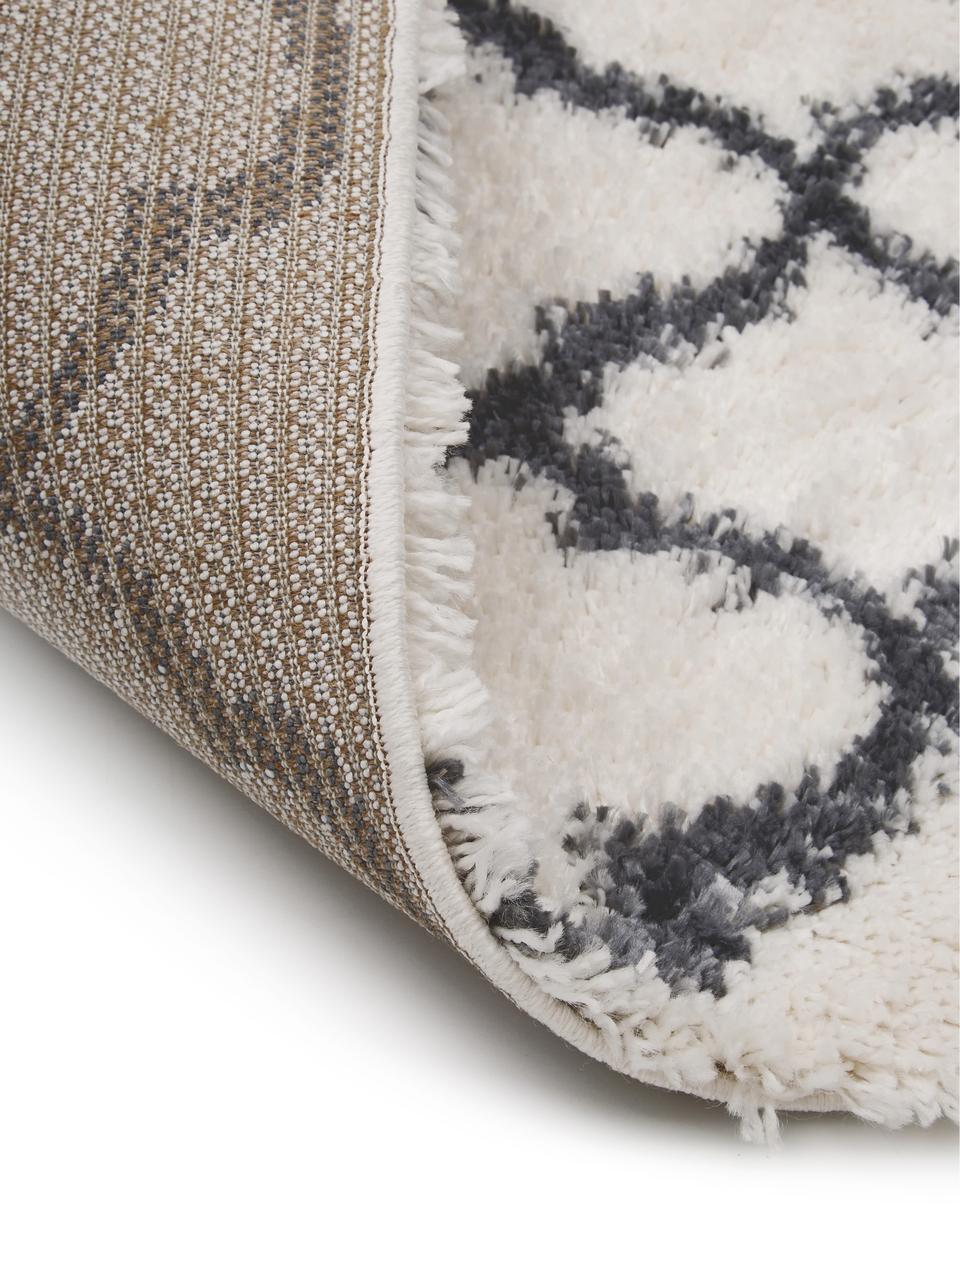 Flauschiger Hochflor-Teppich Mona in Cremeweiß/Dunkelgrau, Flor: 100% Polypropylen, Cremeweiß, Dunkelgrau, B 300 x L 400 cm (Größe XL)